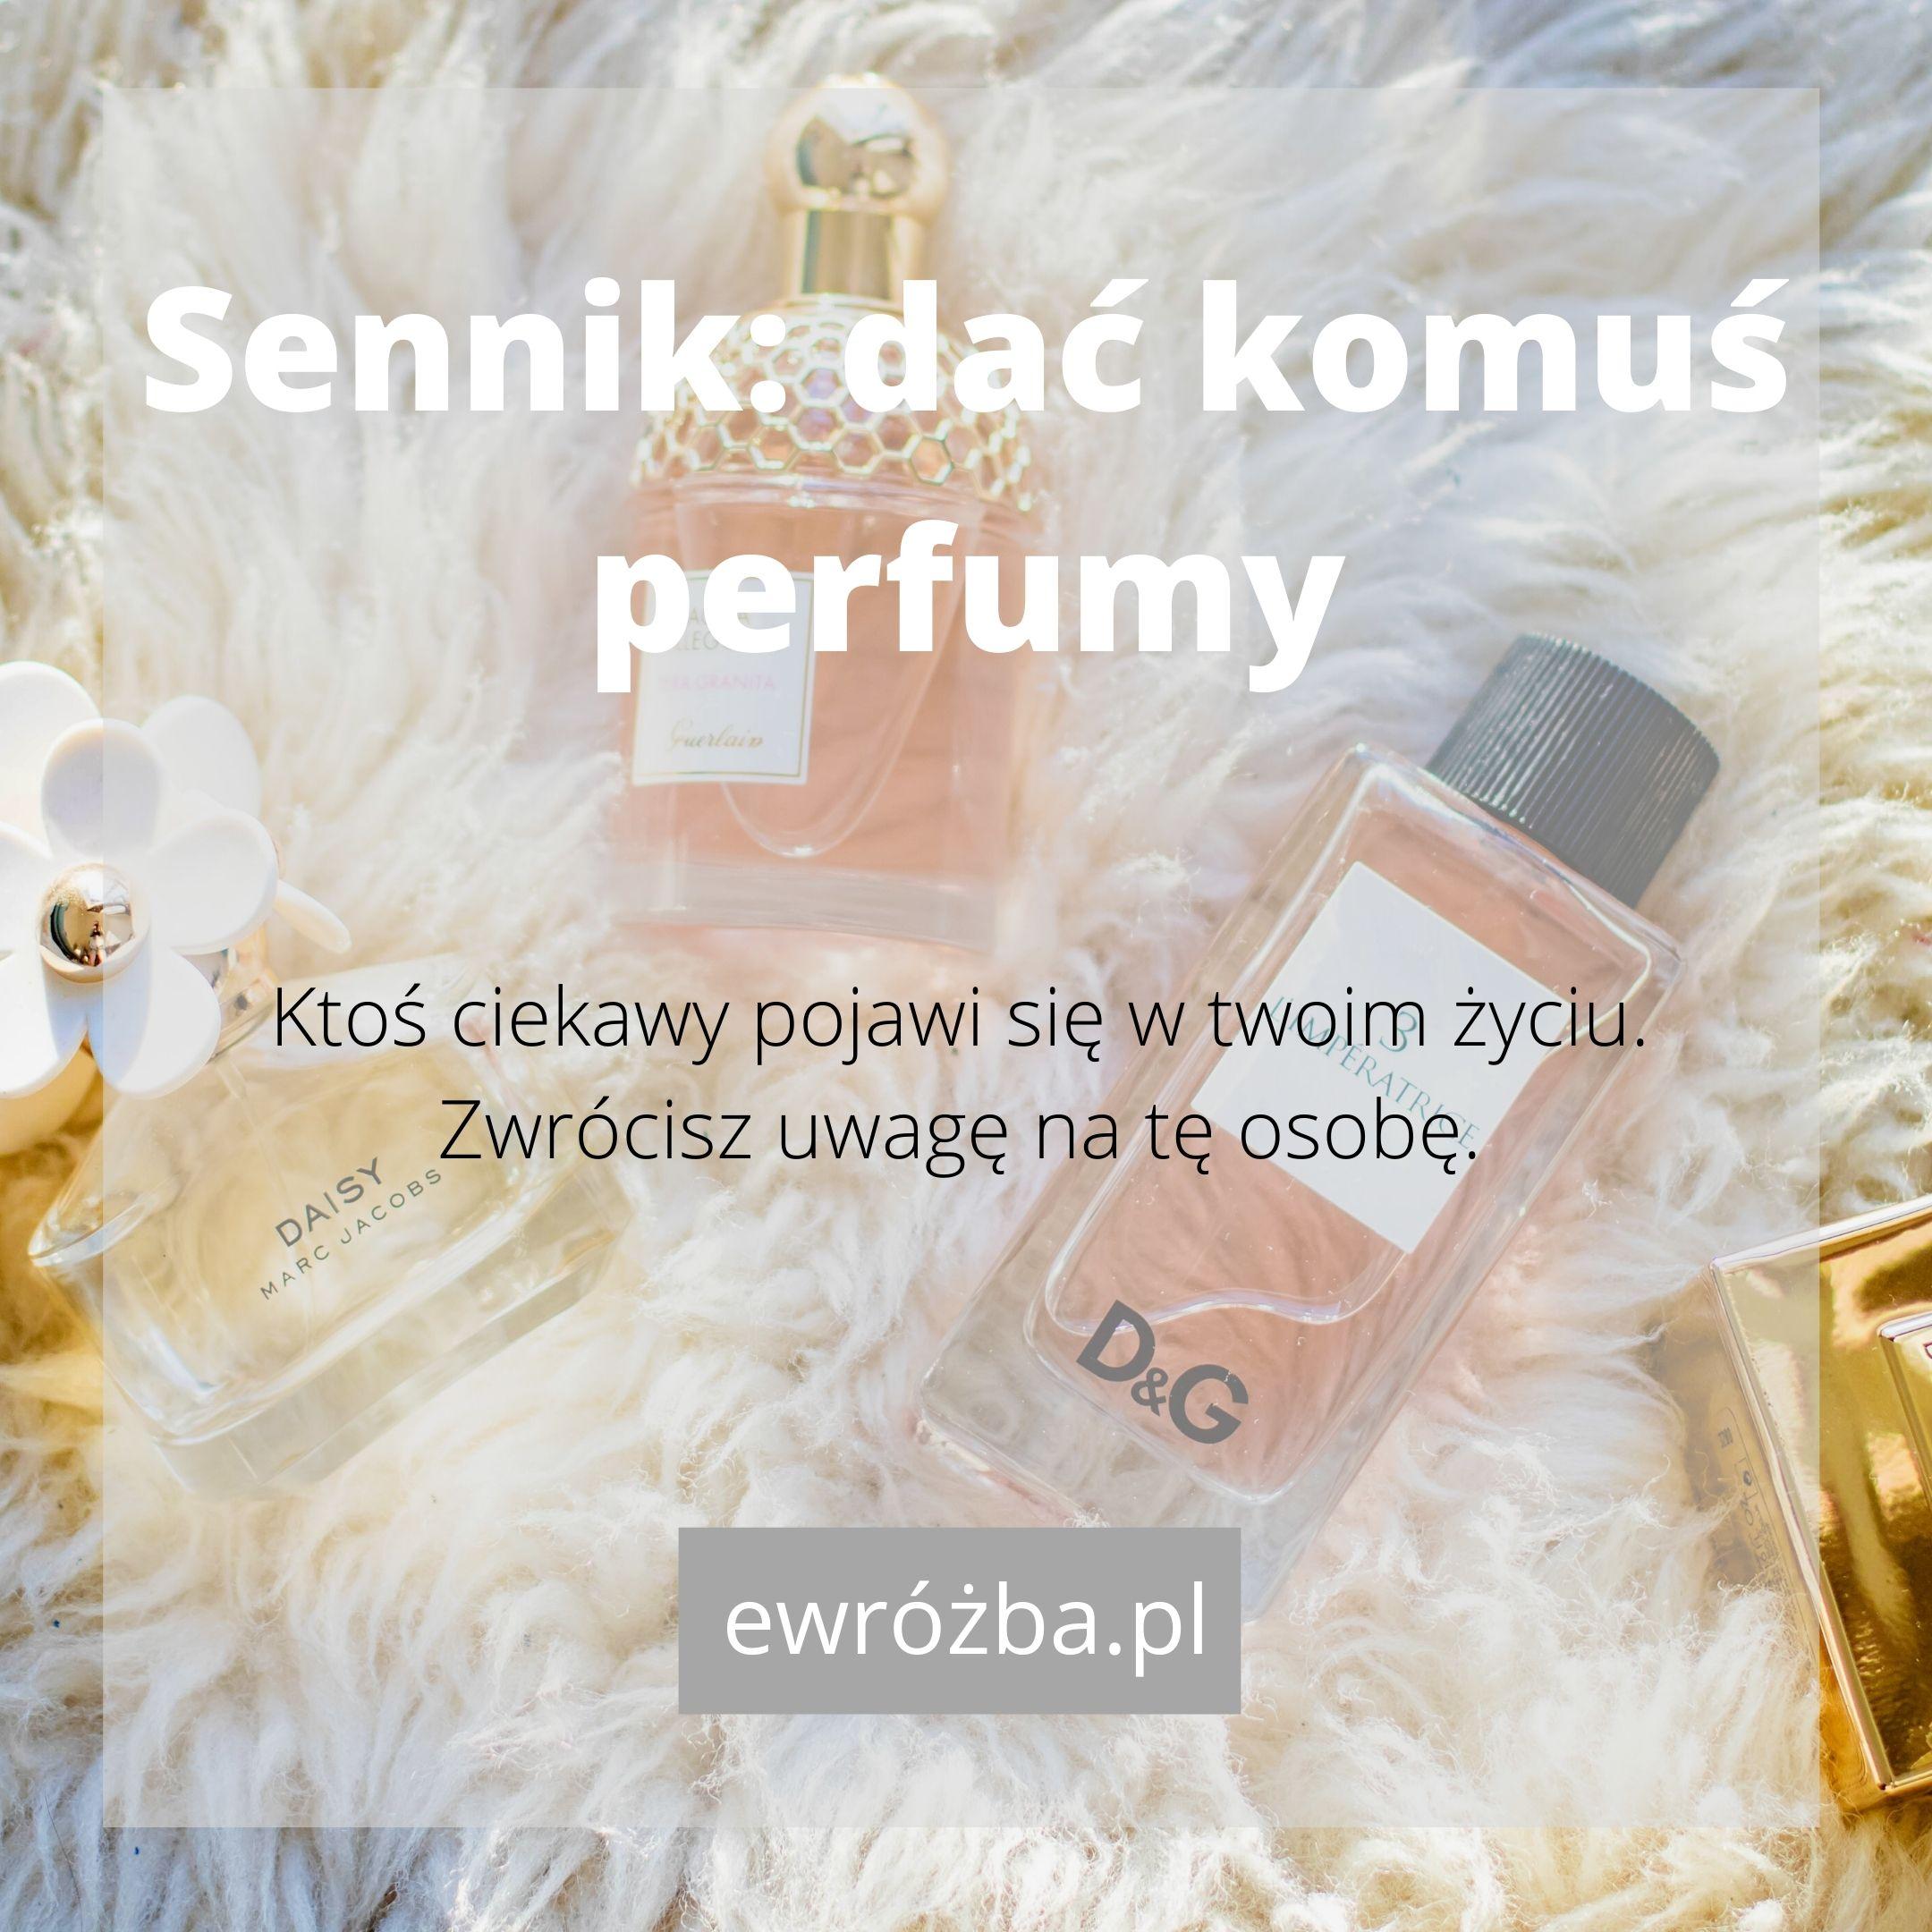 Perfumy - znaczenie snu 1